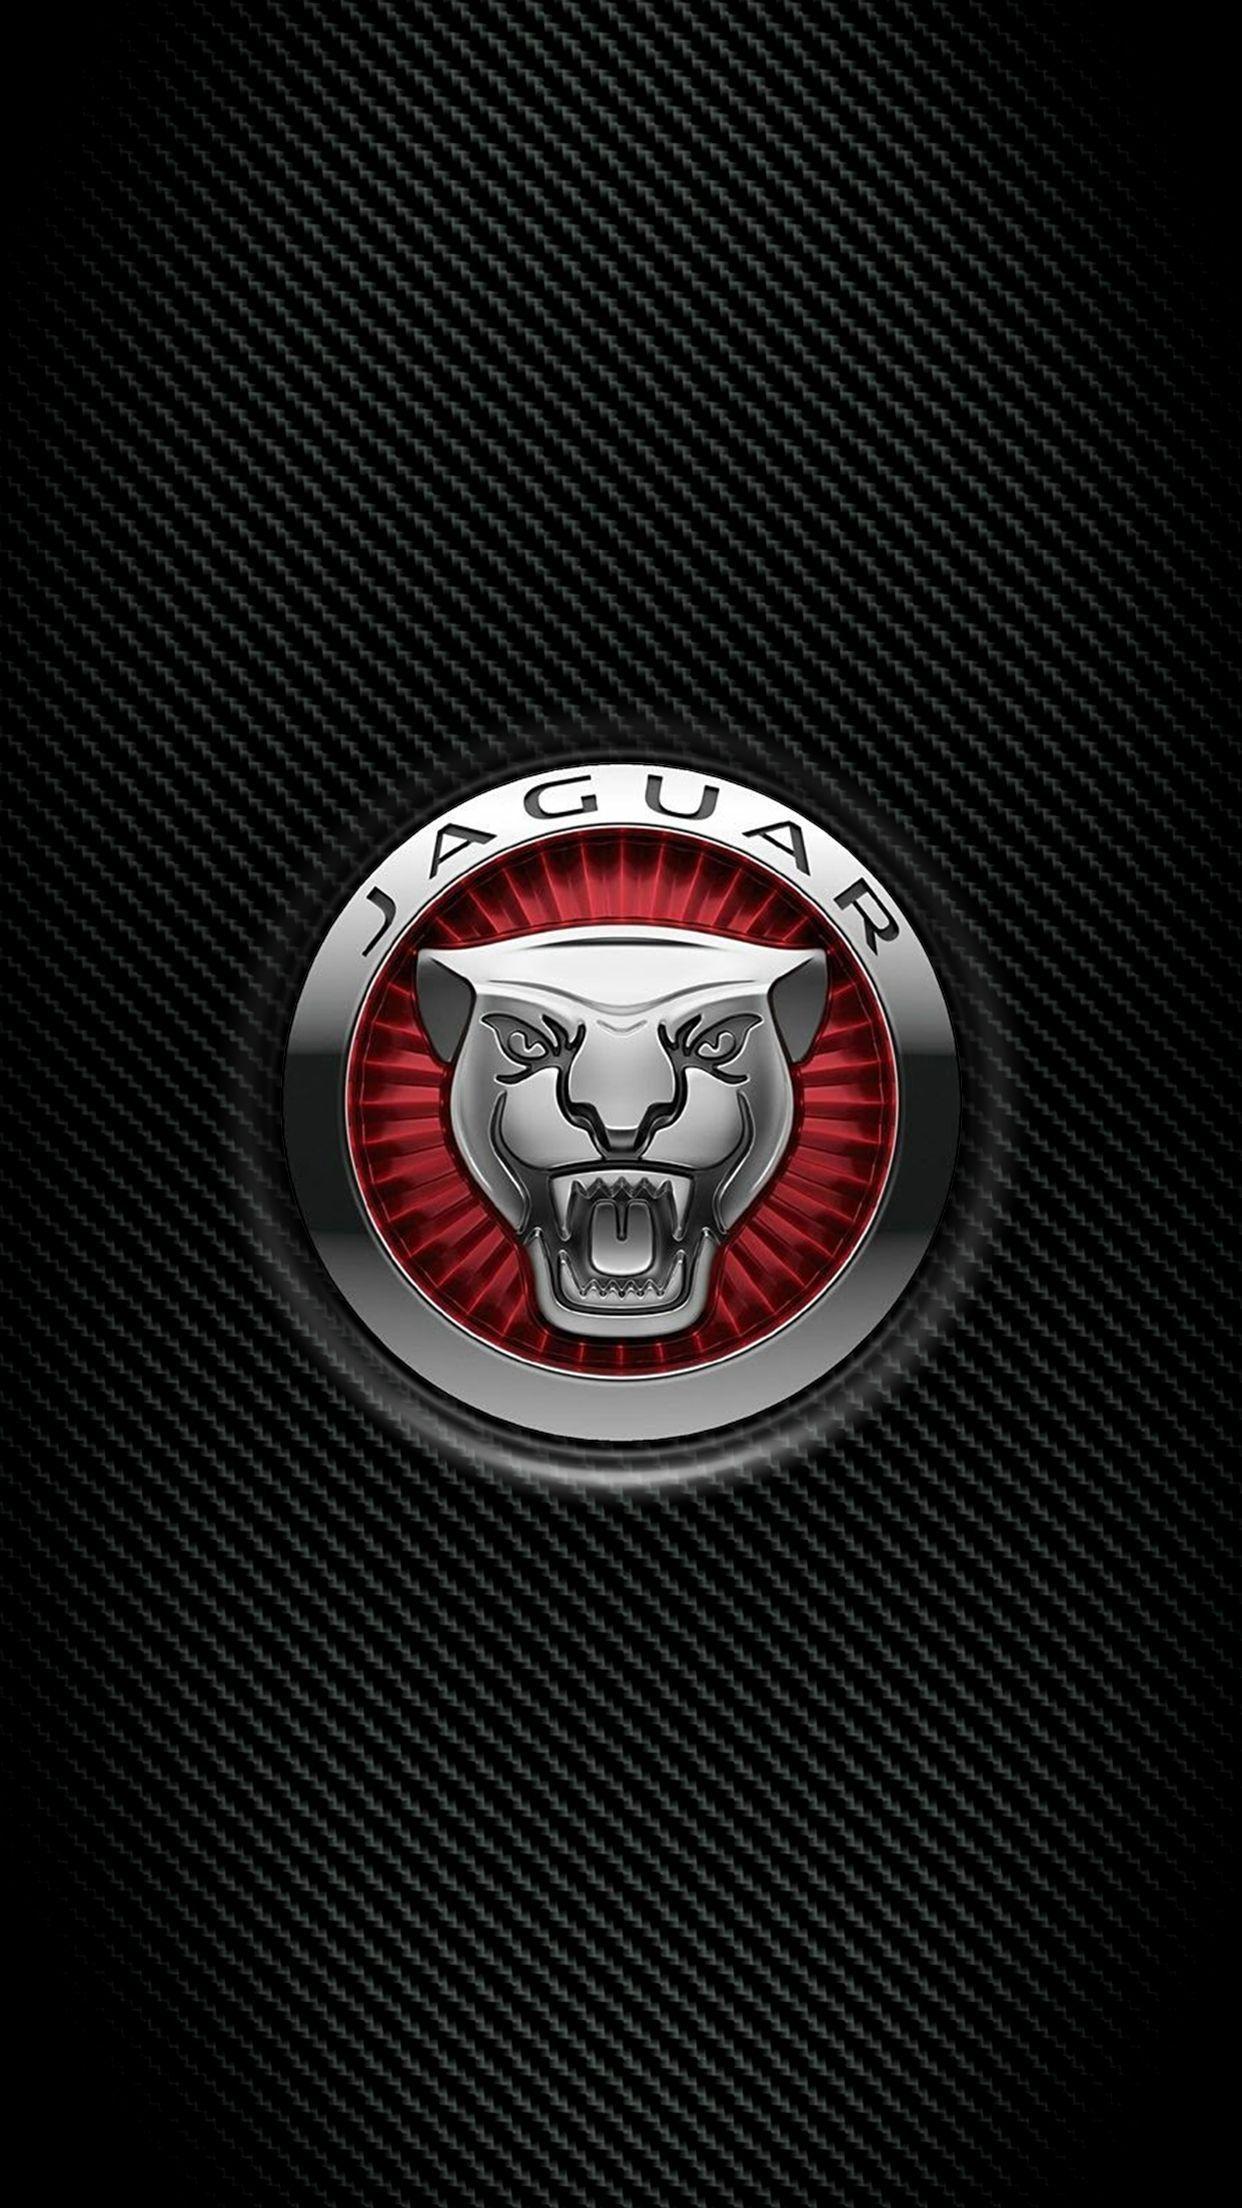 Jaguar logo wallpaper screen saver for smartphone - Car logo wallpapers ...